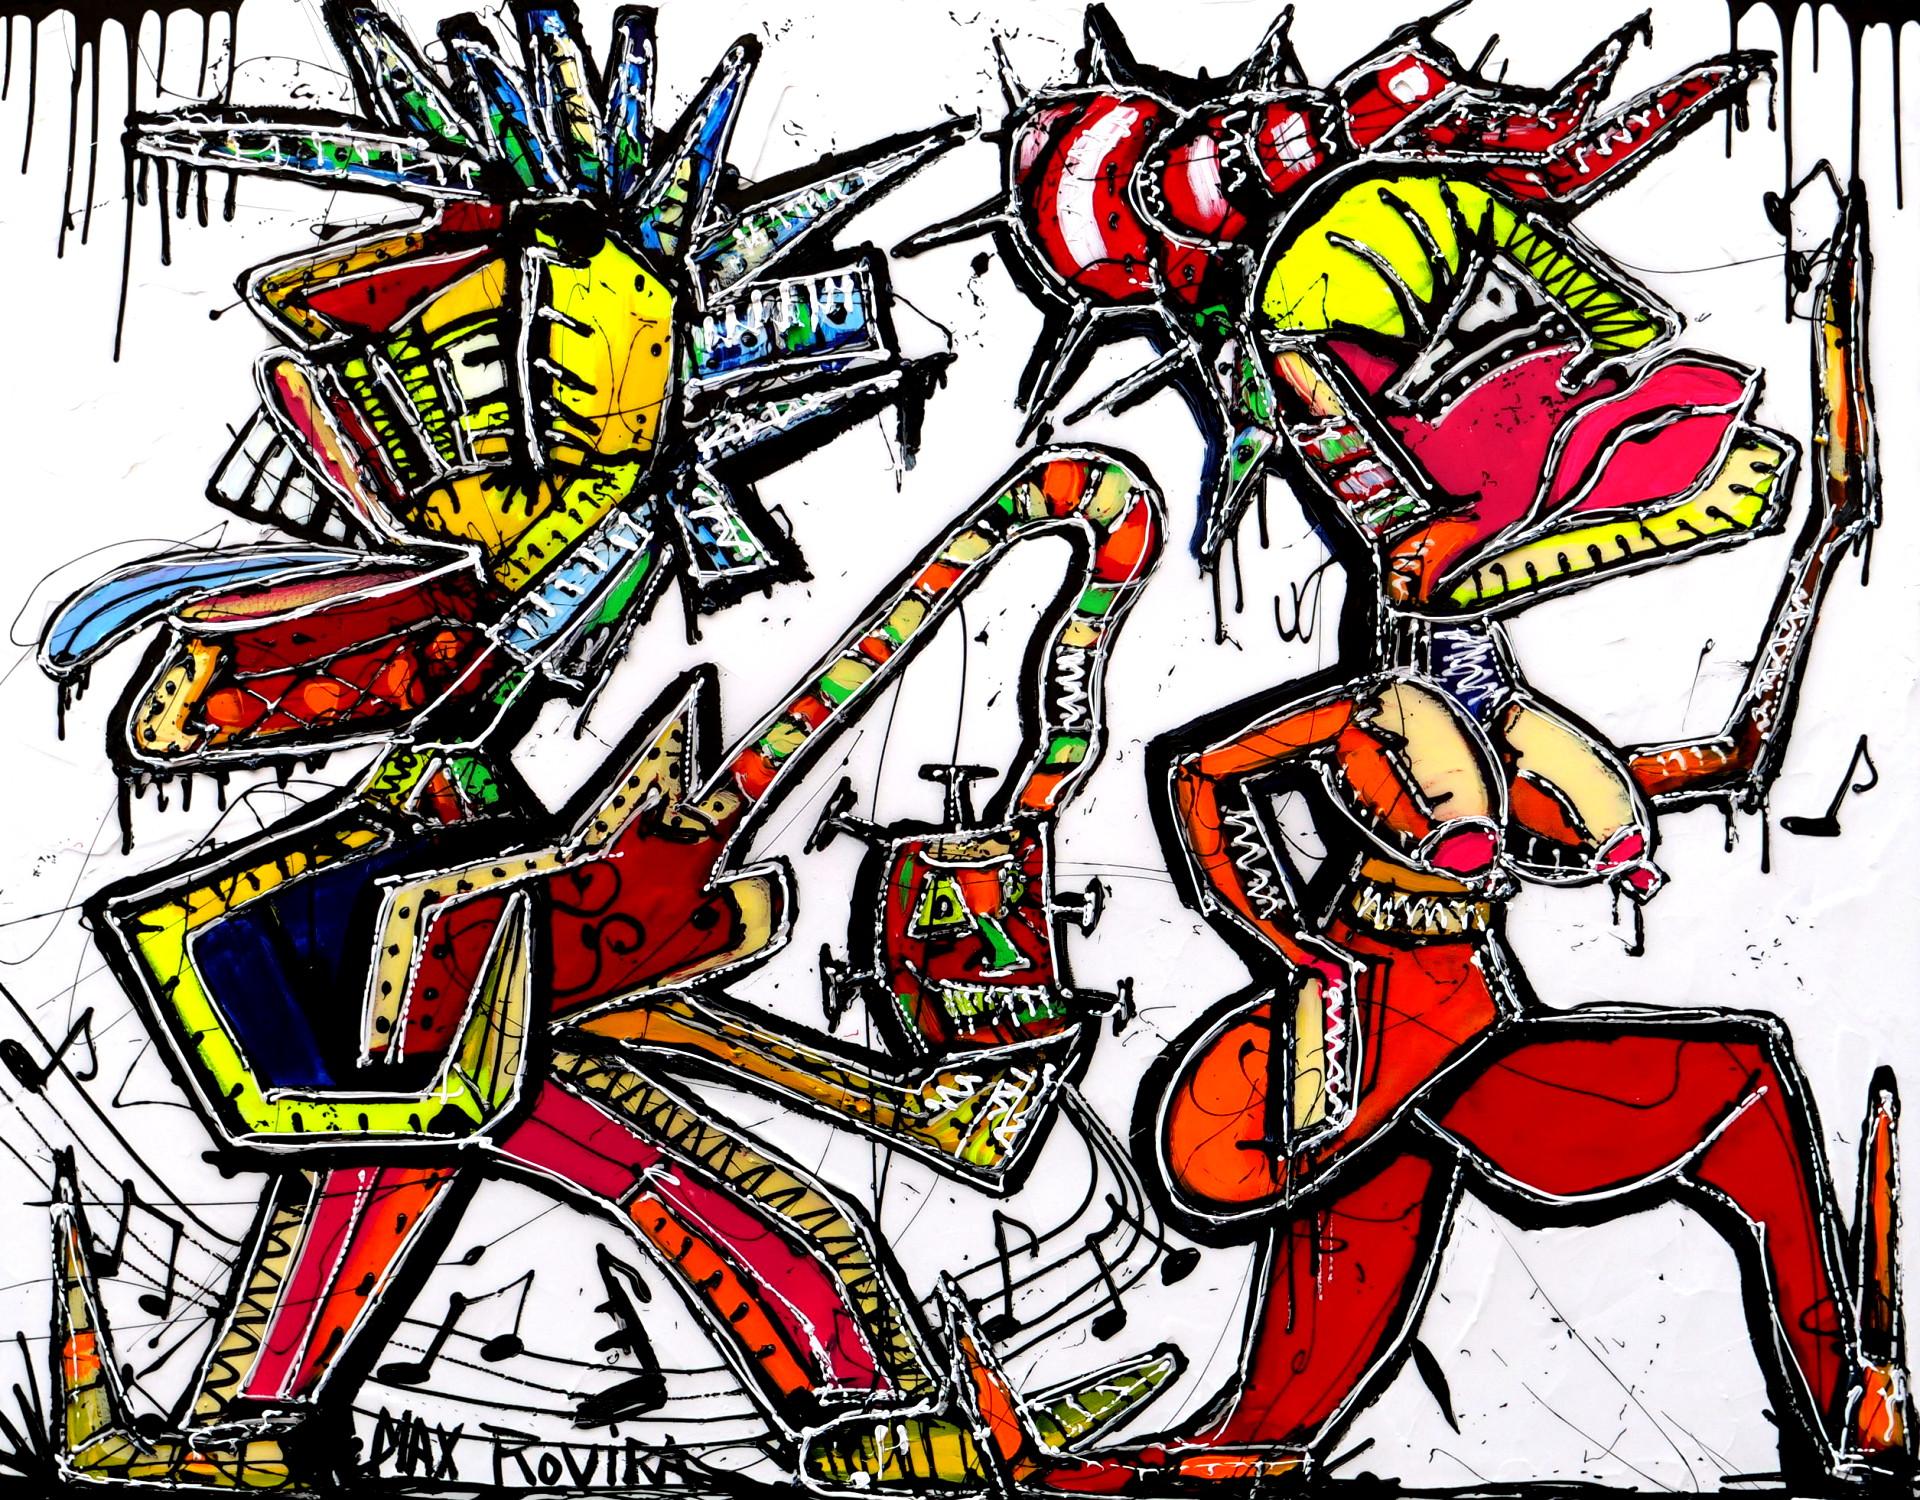 max rovira artiste peintre collioure crazy musique